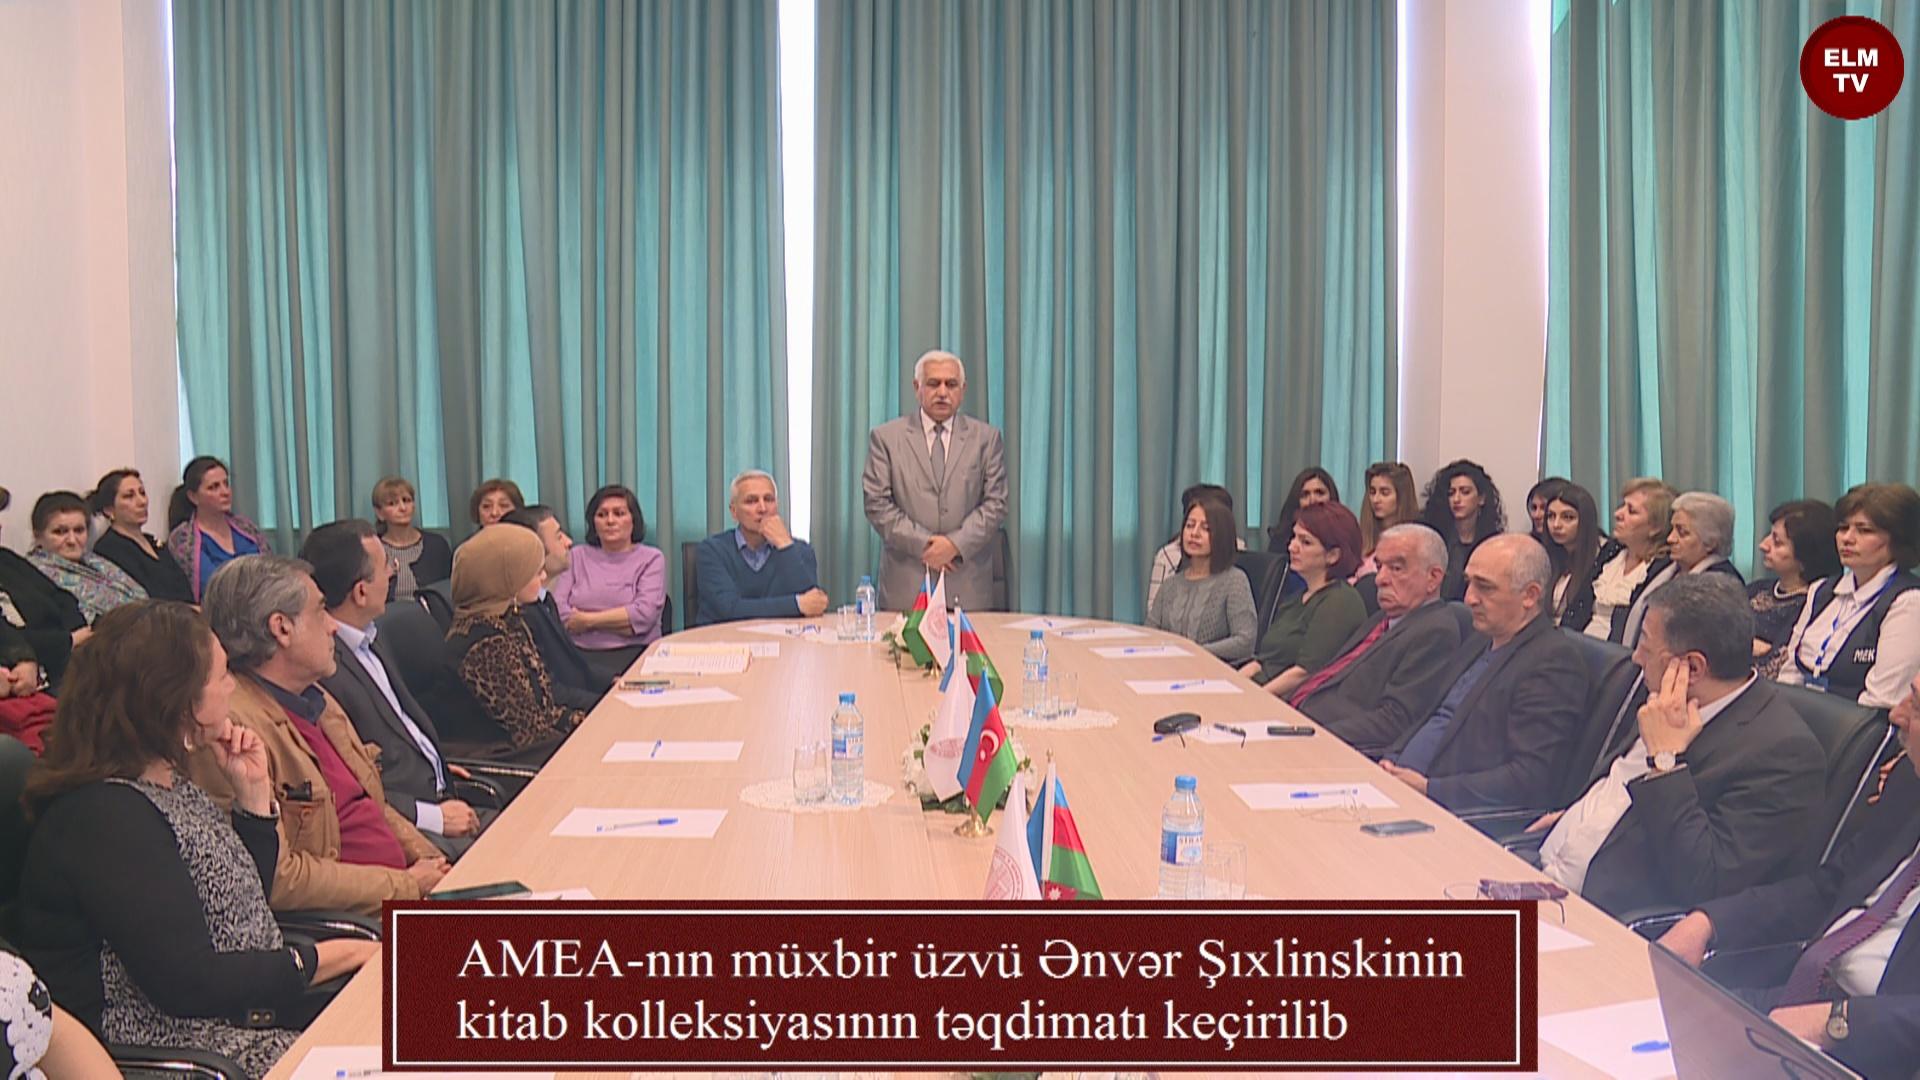 AMEA-nın müxbir üzvü Ənvər Şıxlinskinin kitab kolleksiyasının təqdimatı keçirilib